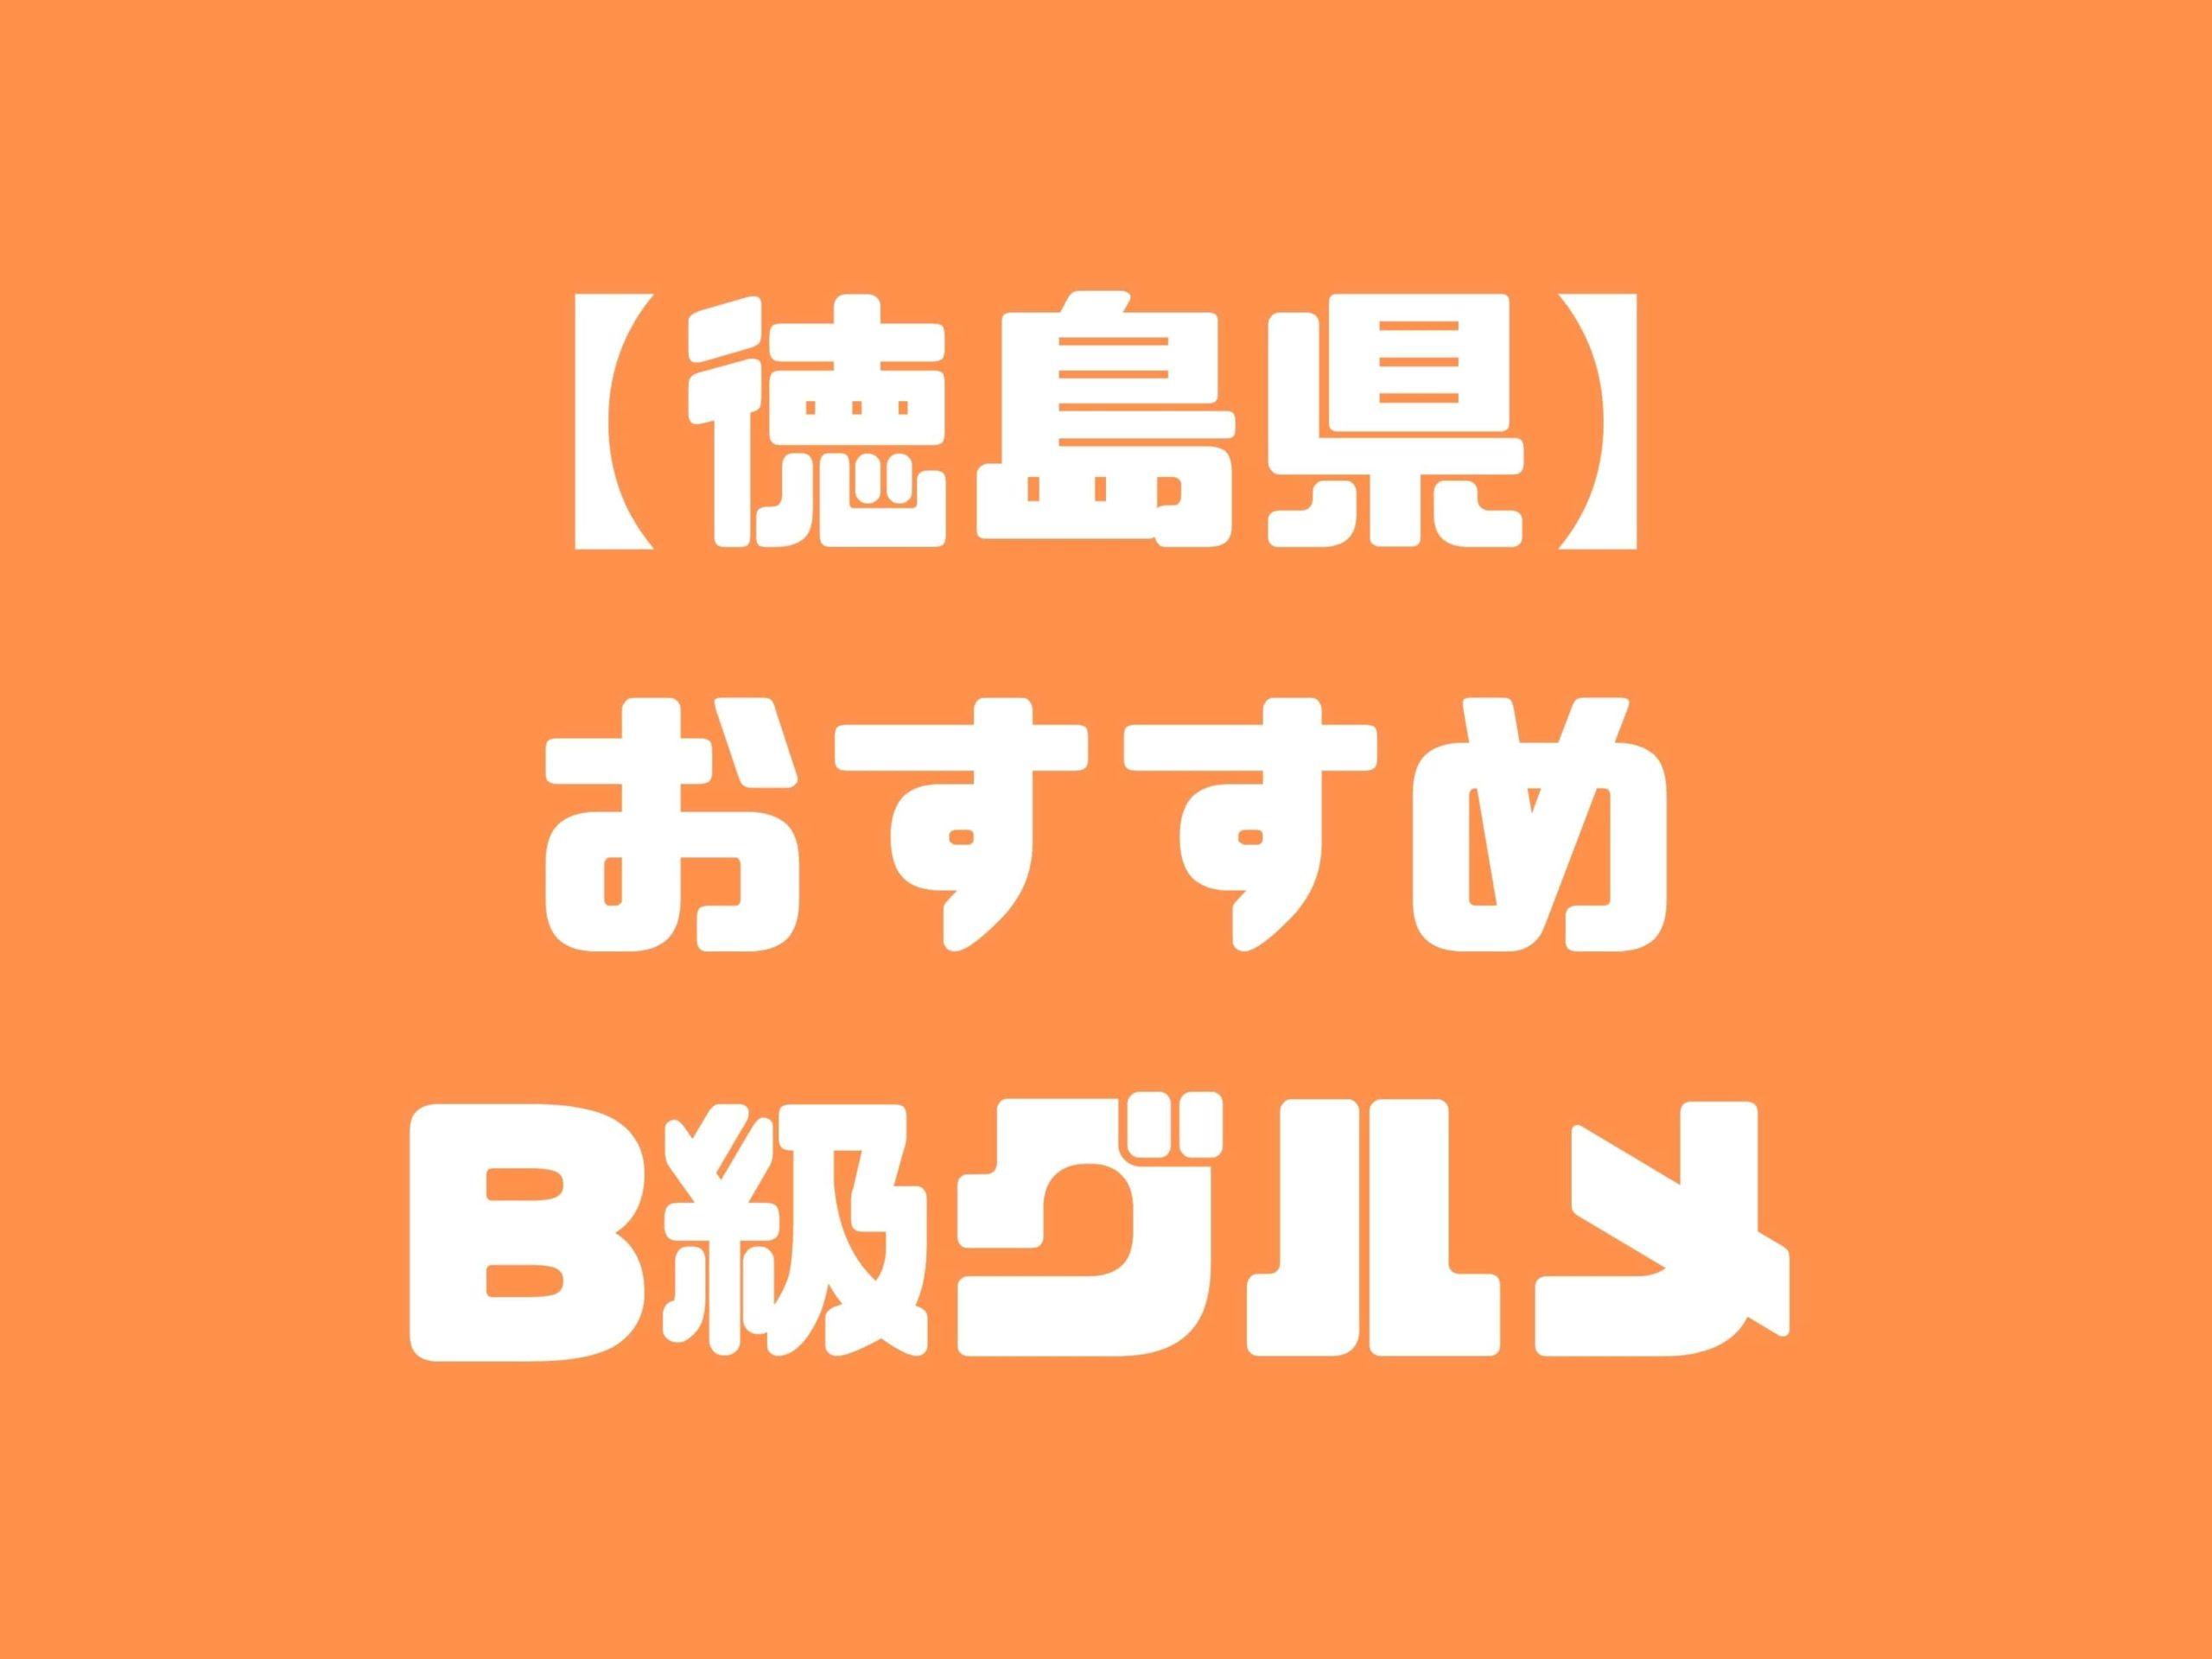 【徳島県版】秘密のケンミンSHOWまとめ